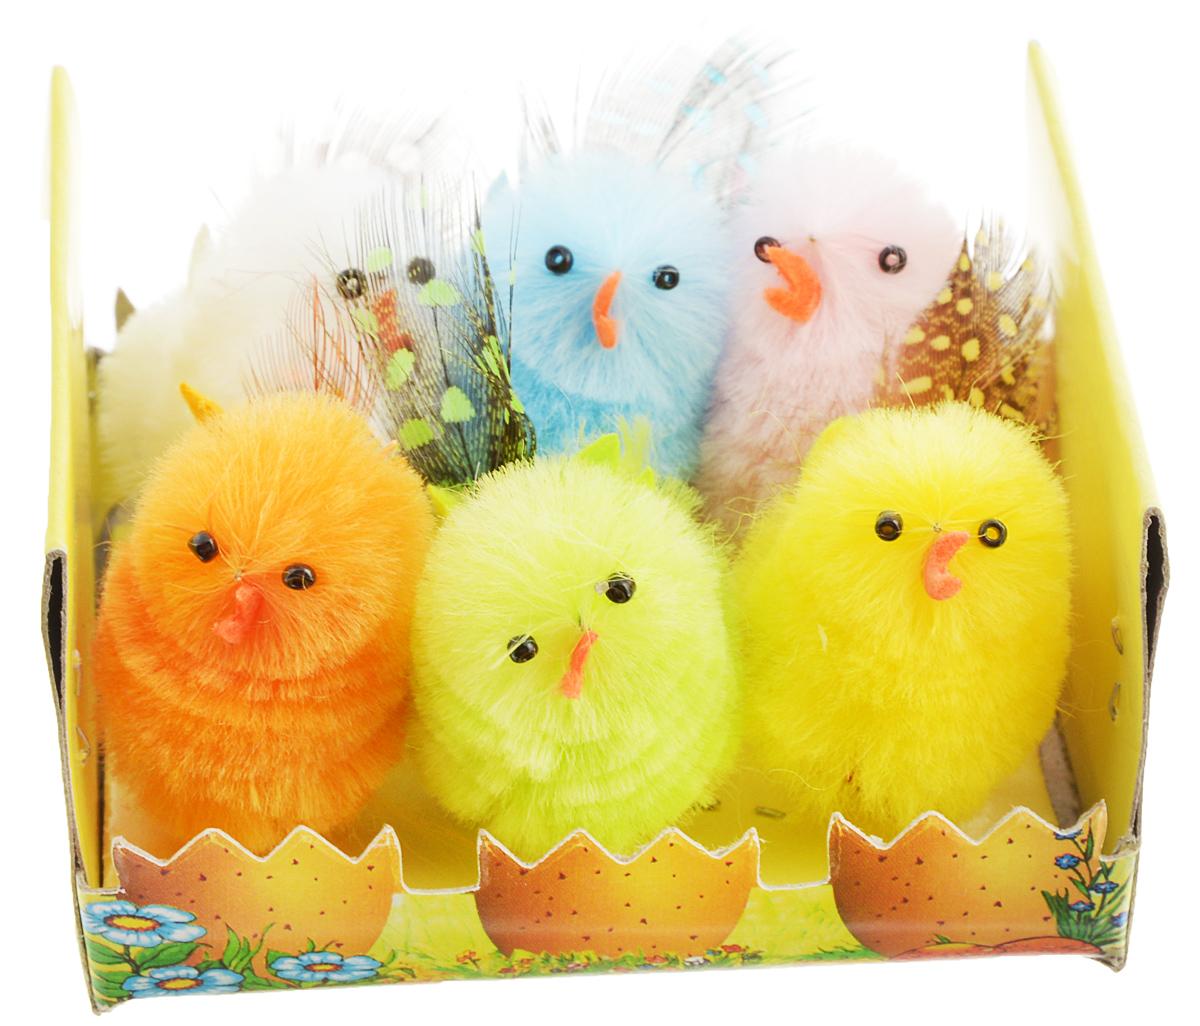 Украшение декоративное Home Queen Цветные цыплята, 6 шт64362Декоративные украшения Home Queen Цыплята, выполненные из пластика и полиэстера, прекрасно дополнят интерьер дома к Пасхе. Украшения представляют собой шесть забавных цыплят, украшенных перьями, разных цветов. Изделия создадут теплую весеннюю атмосферу и поднимут настроение. Размер цыпленка: 3 х 2,5 х 4 см.